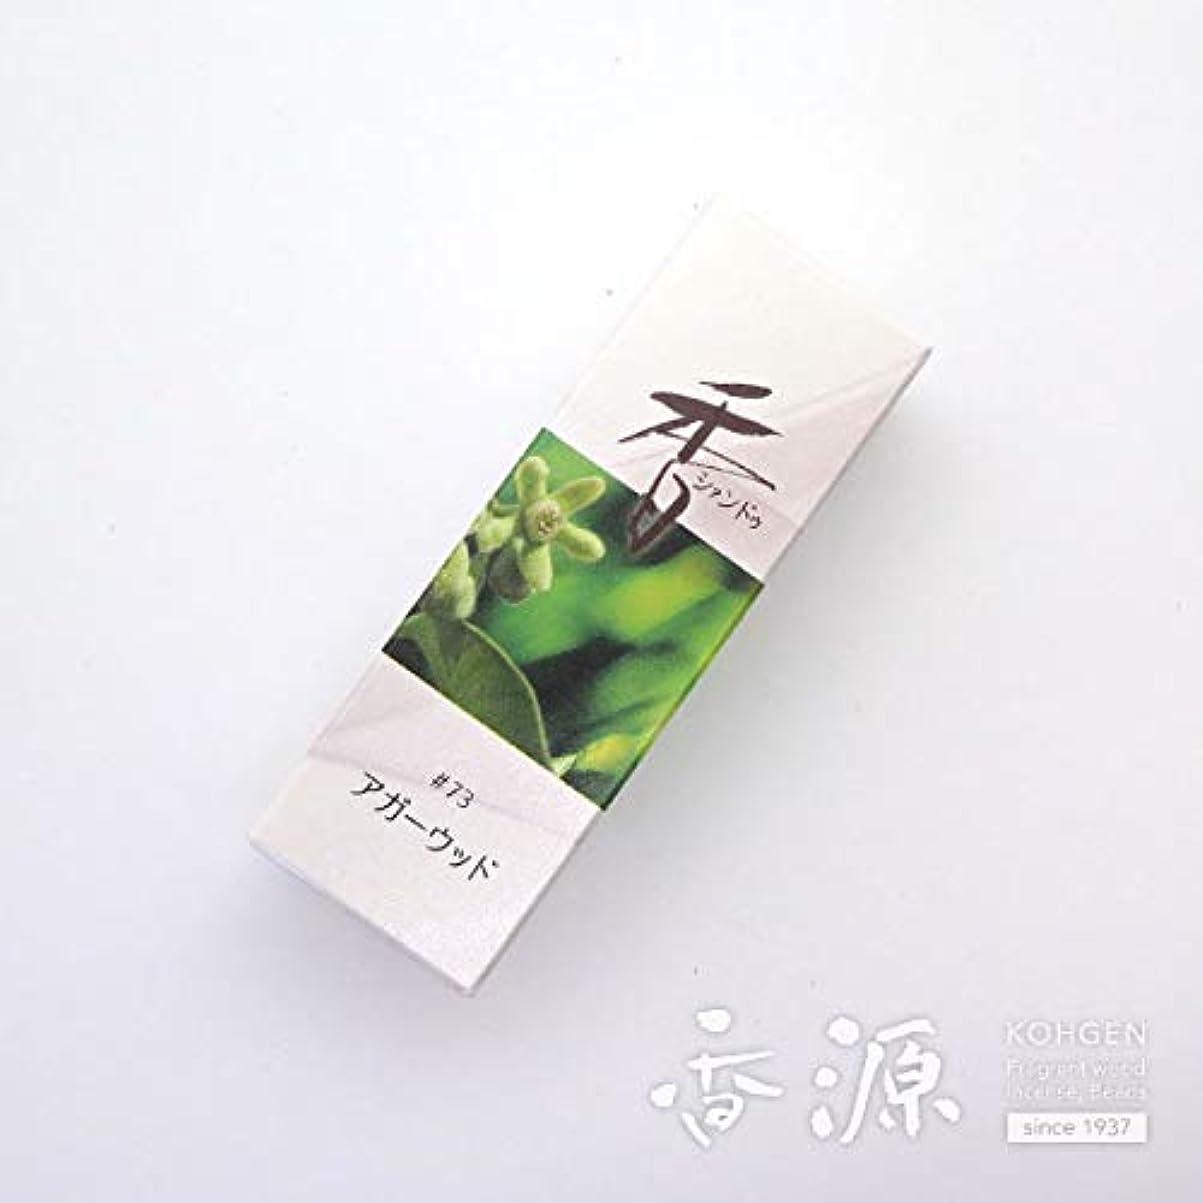 乗って彼らはパッケージ松栄堂のお香 Xiang Do(シャンドゥ) アガーウッド ST20本入 簡易香立付 #214273